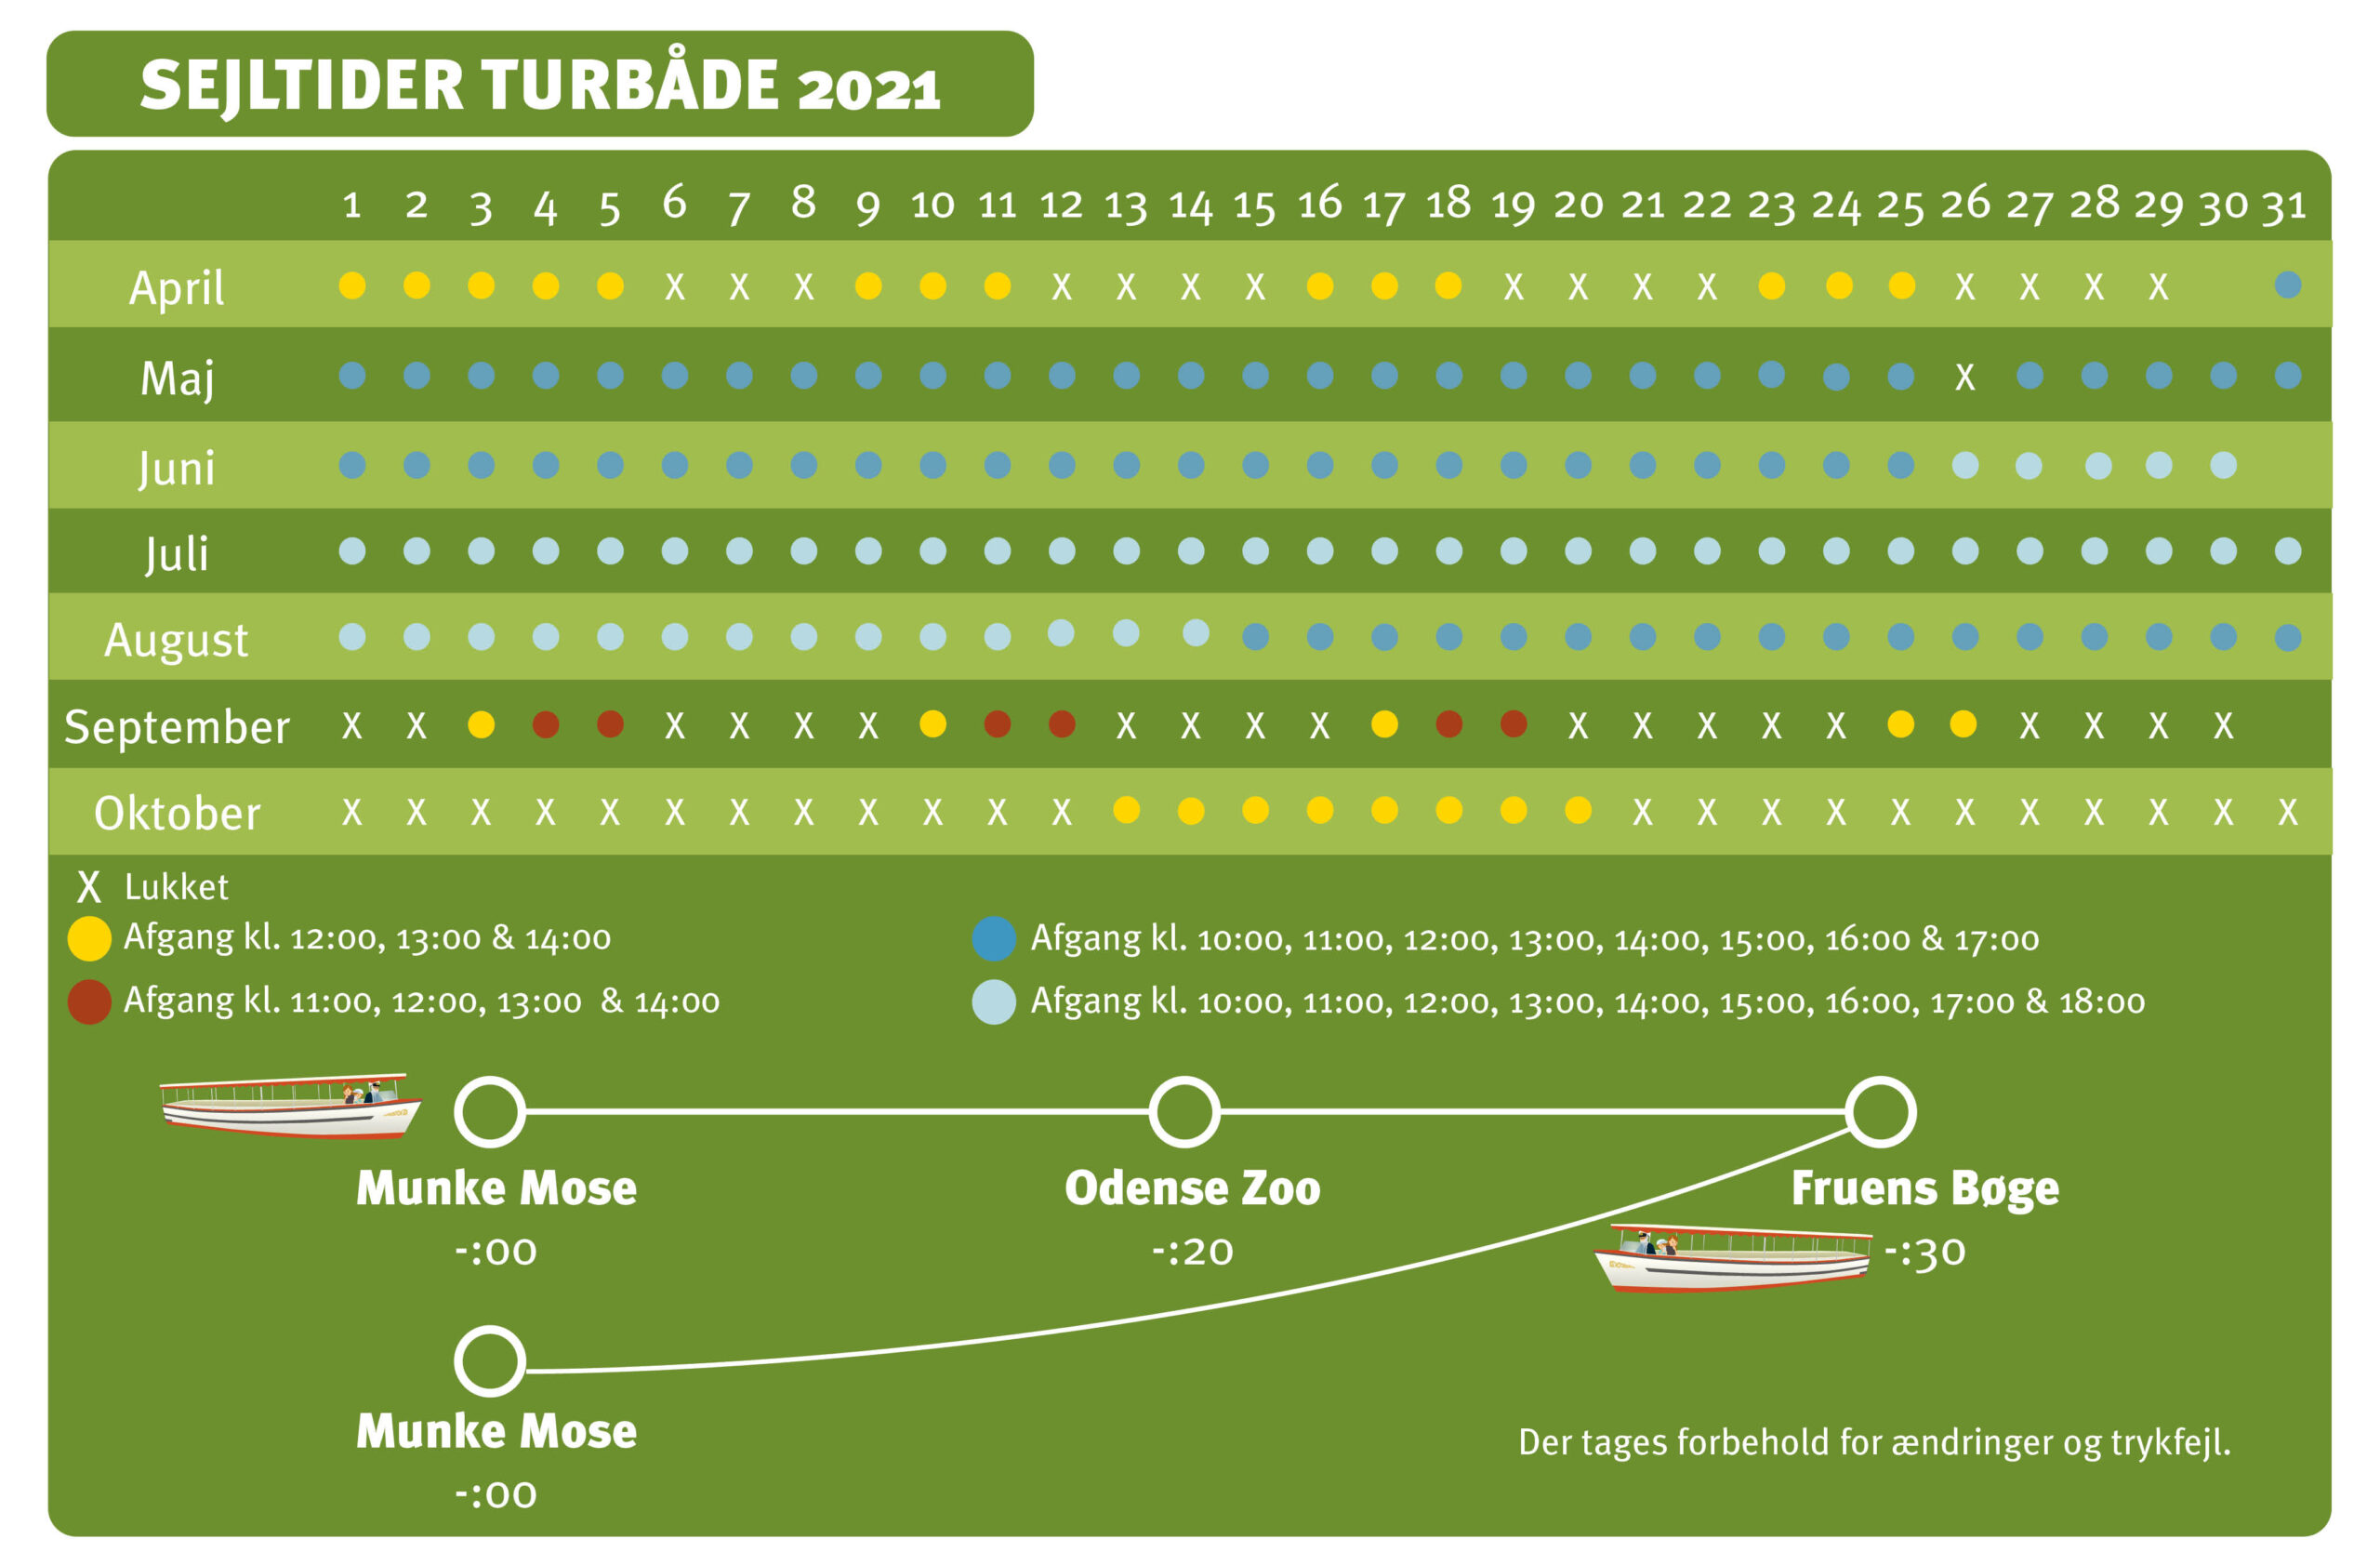 Sejlplan 2021